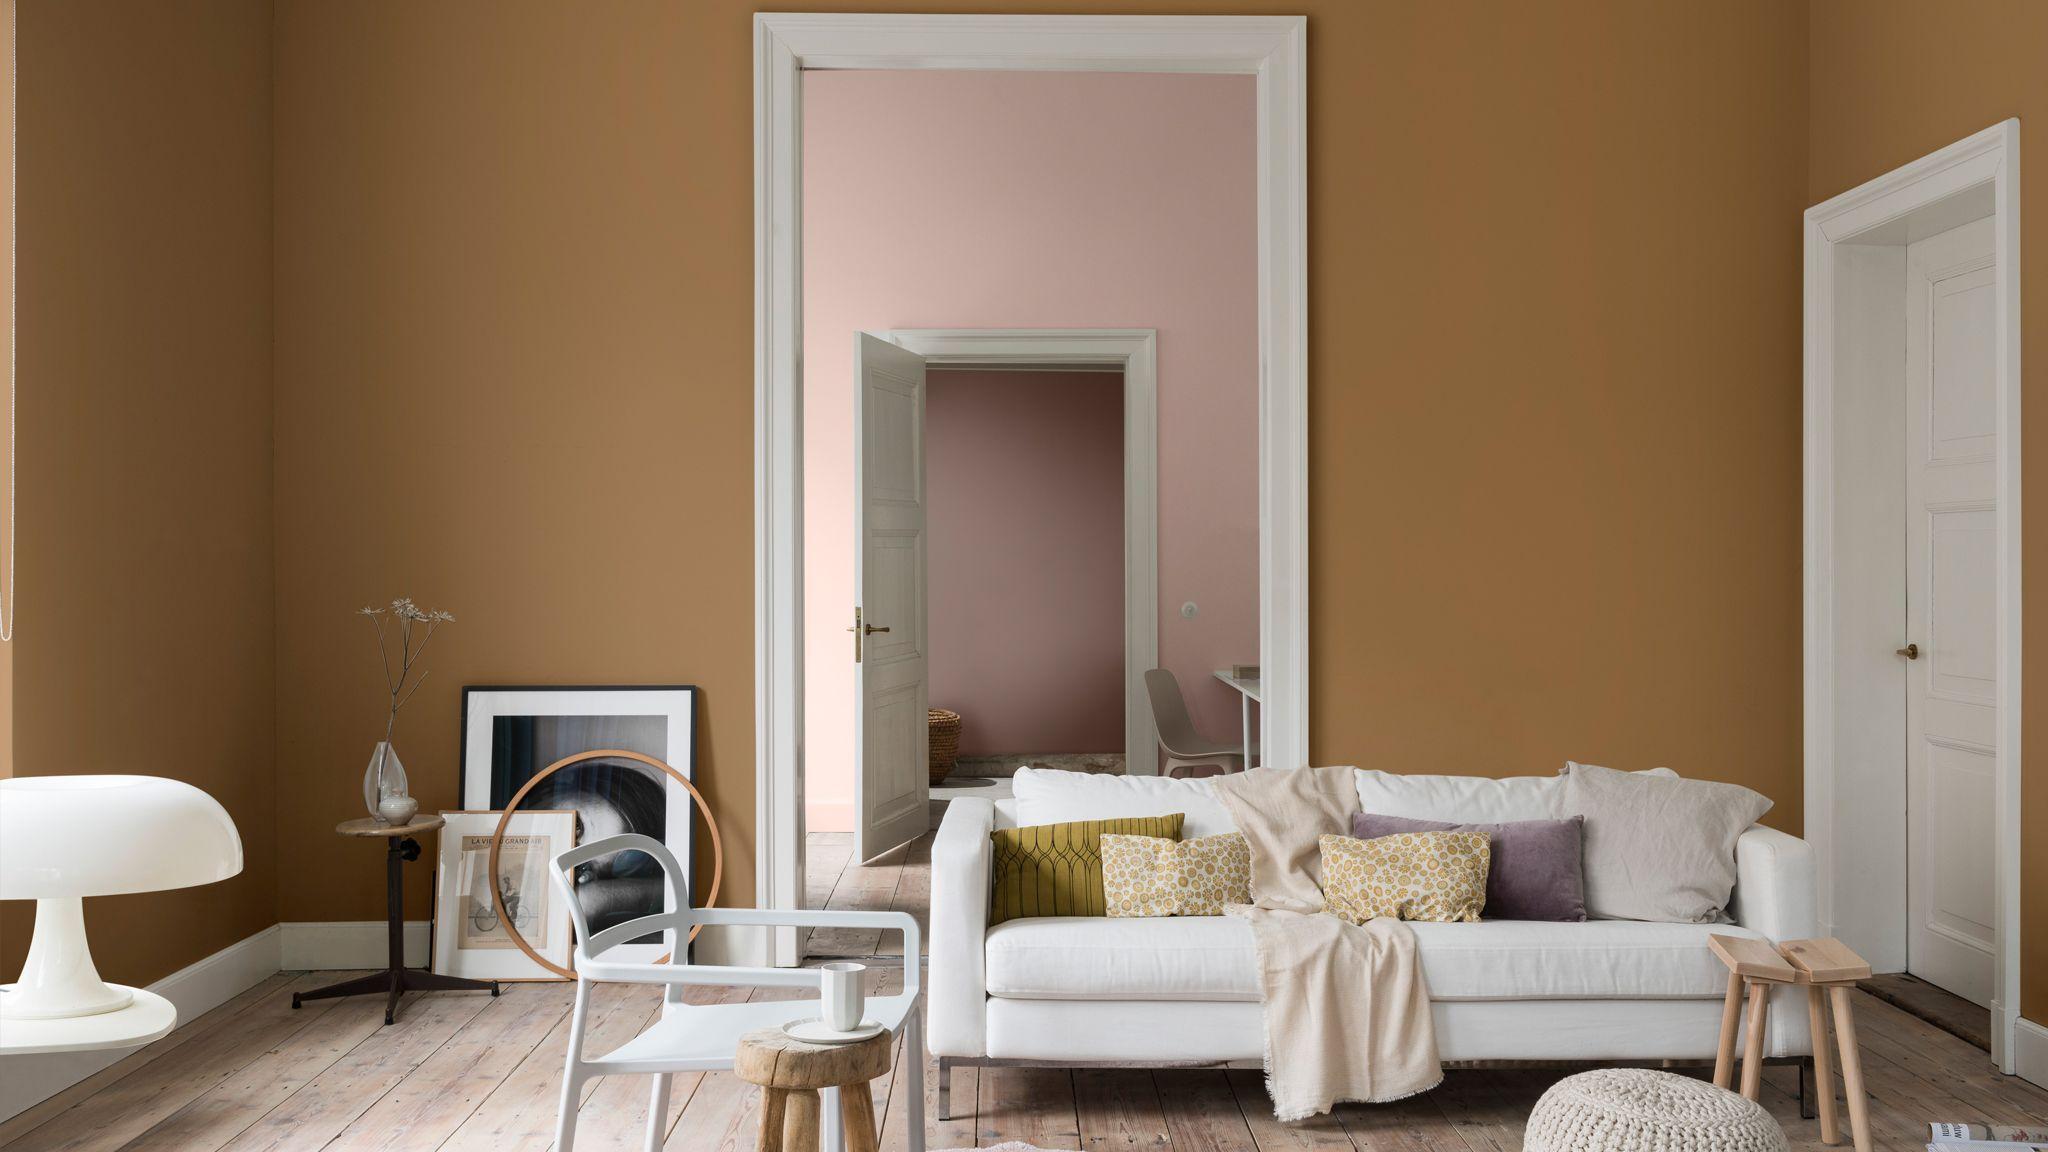 El Color Del Año 2019 Miel Especiada Es Versátil Y Cálido Combina A La P Colores De Pintura De Interior Diseño De Interiores Online Decoracion De Interiores